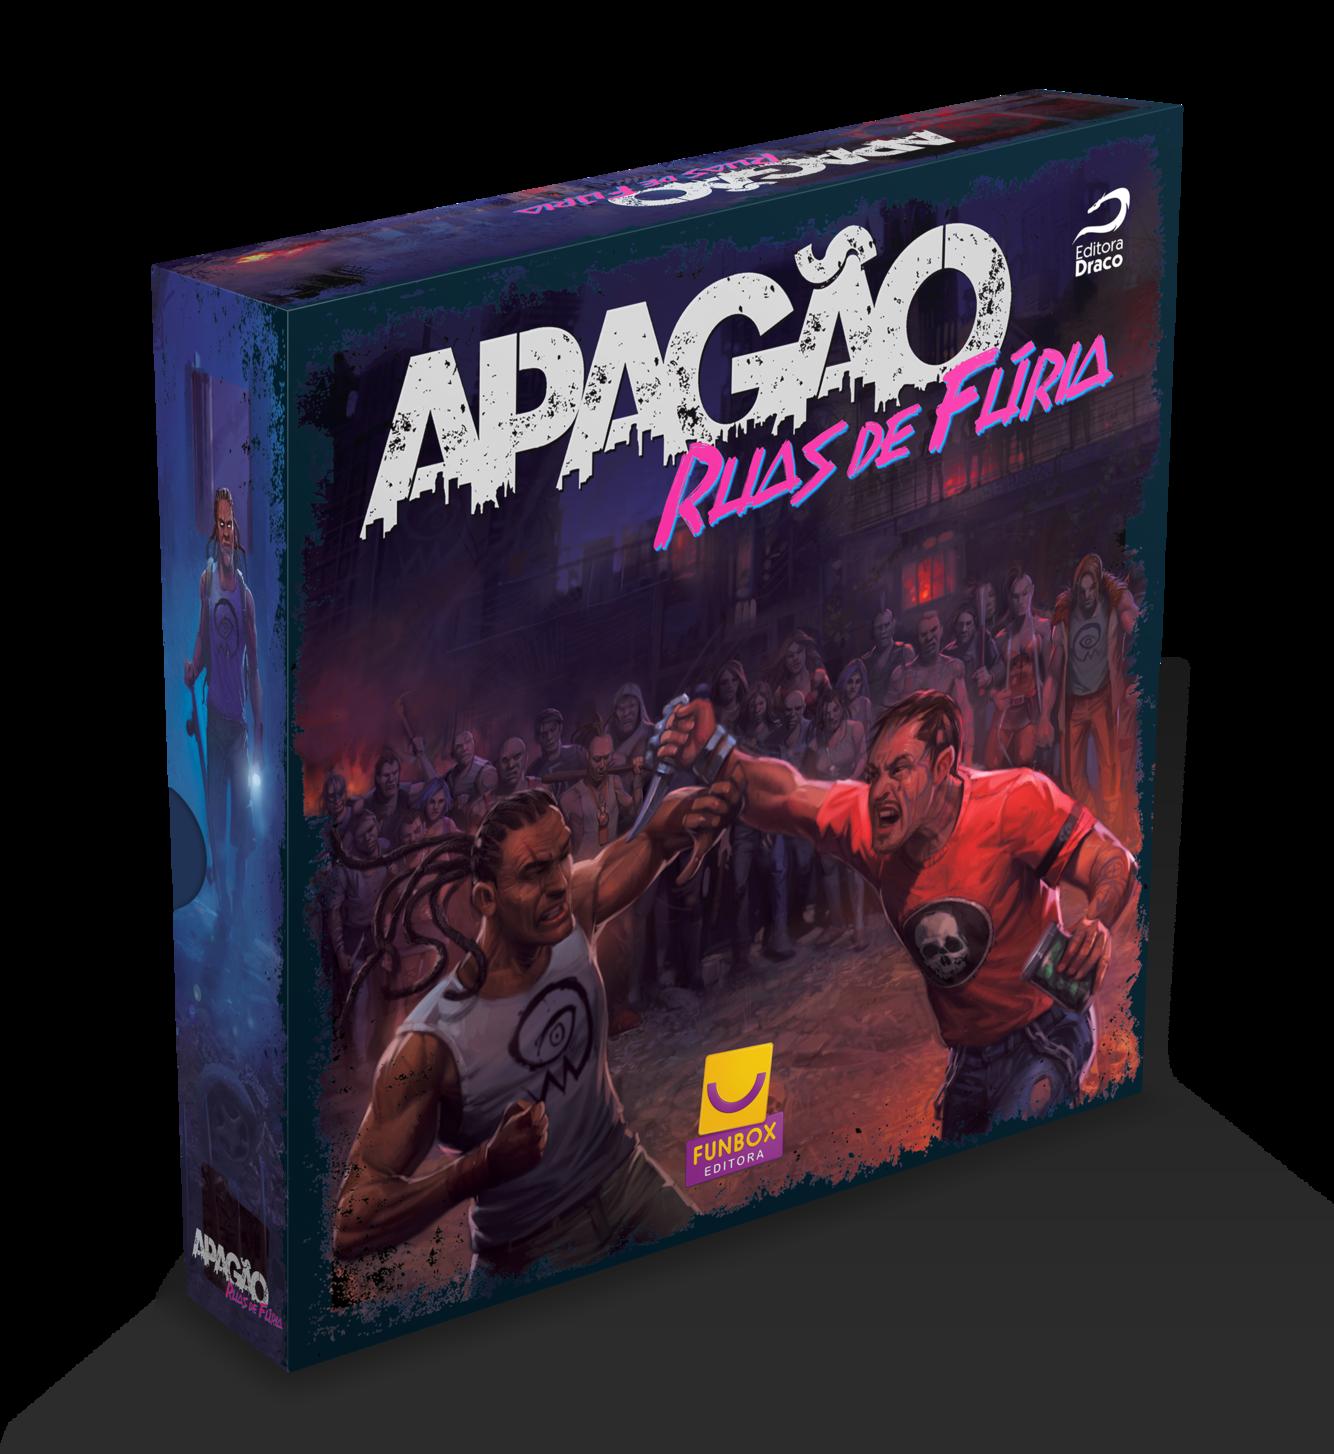 Apagao-Caixa3-Do-1